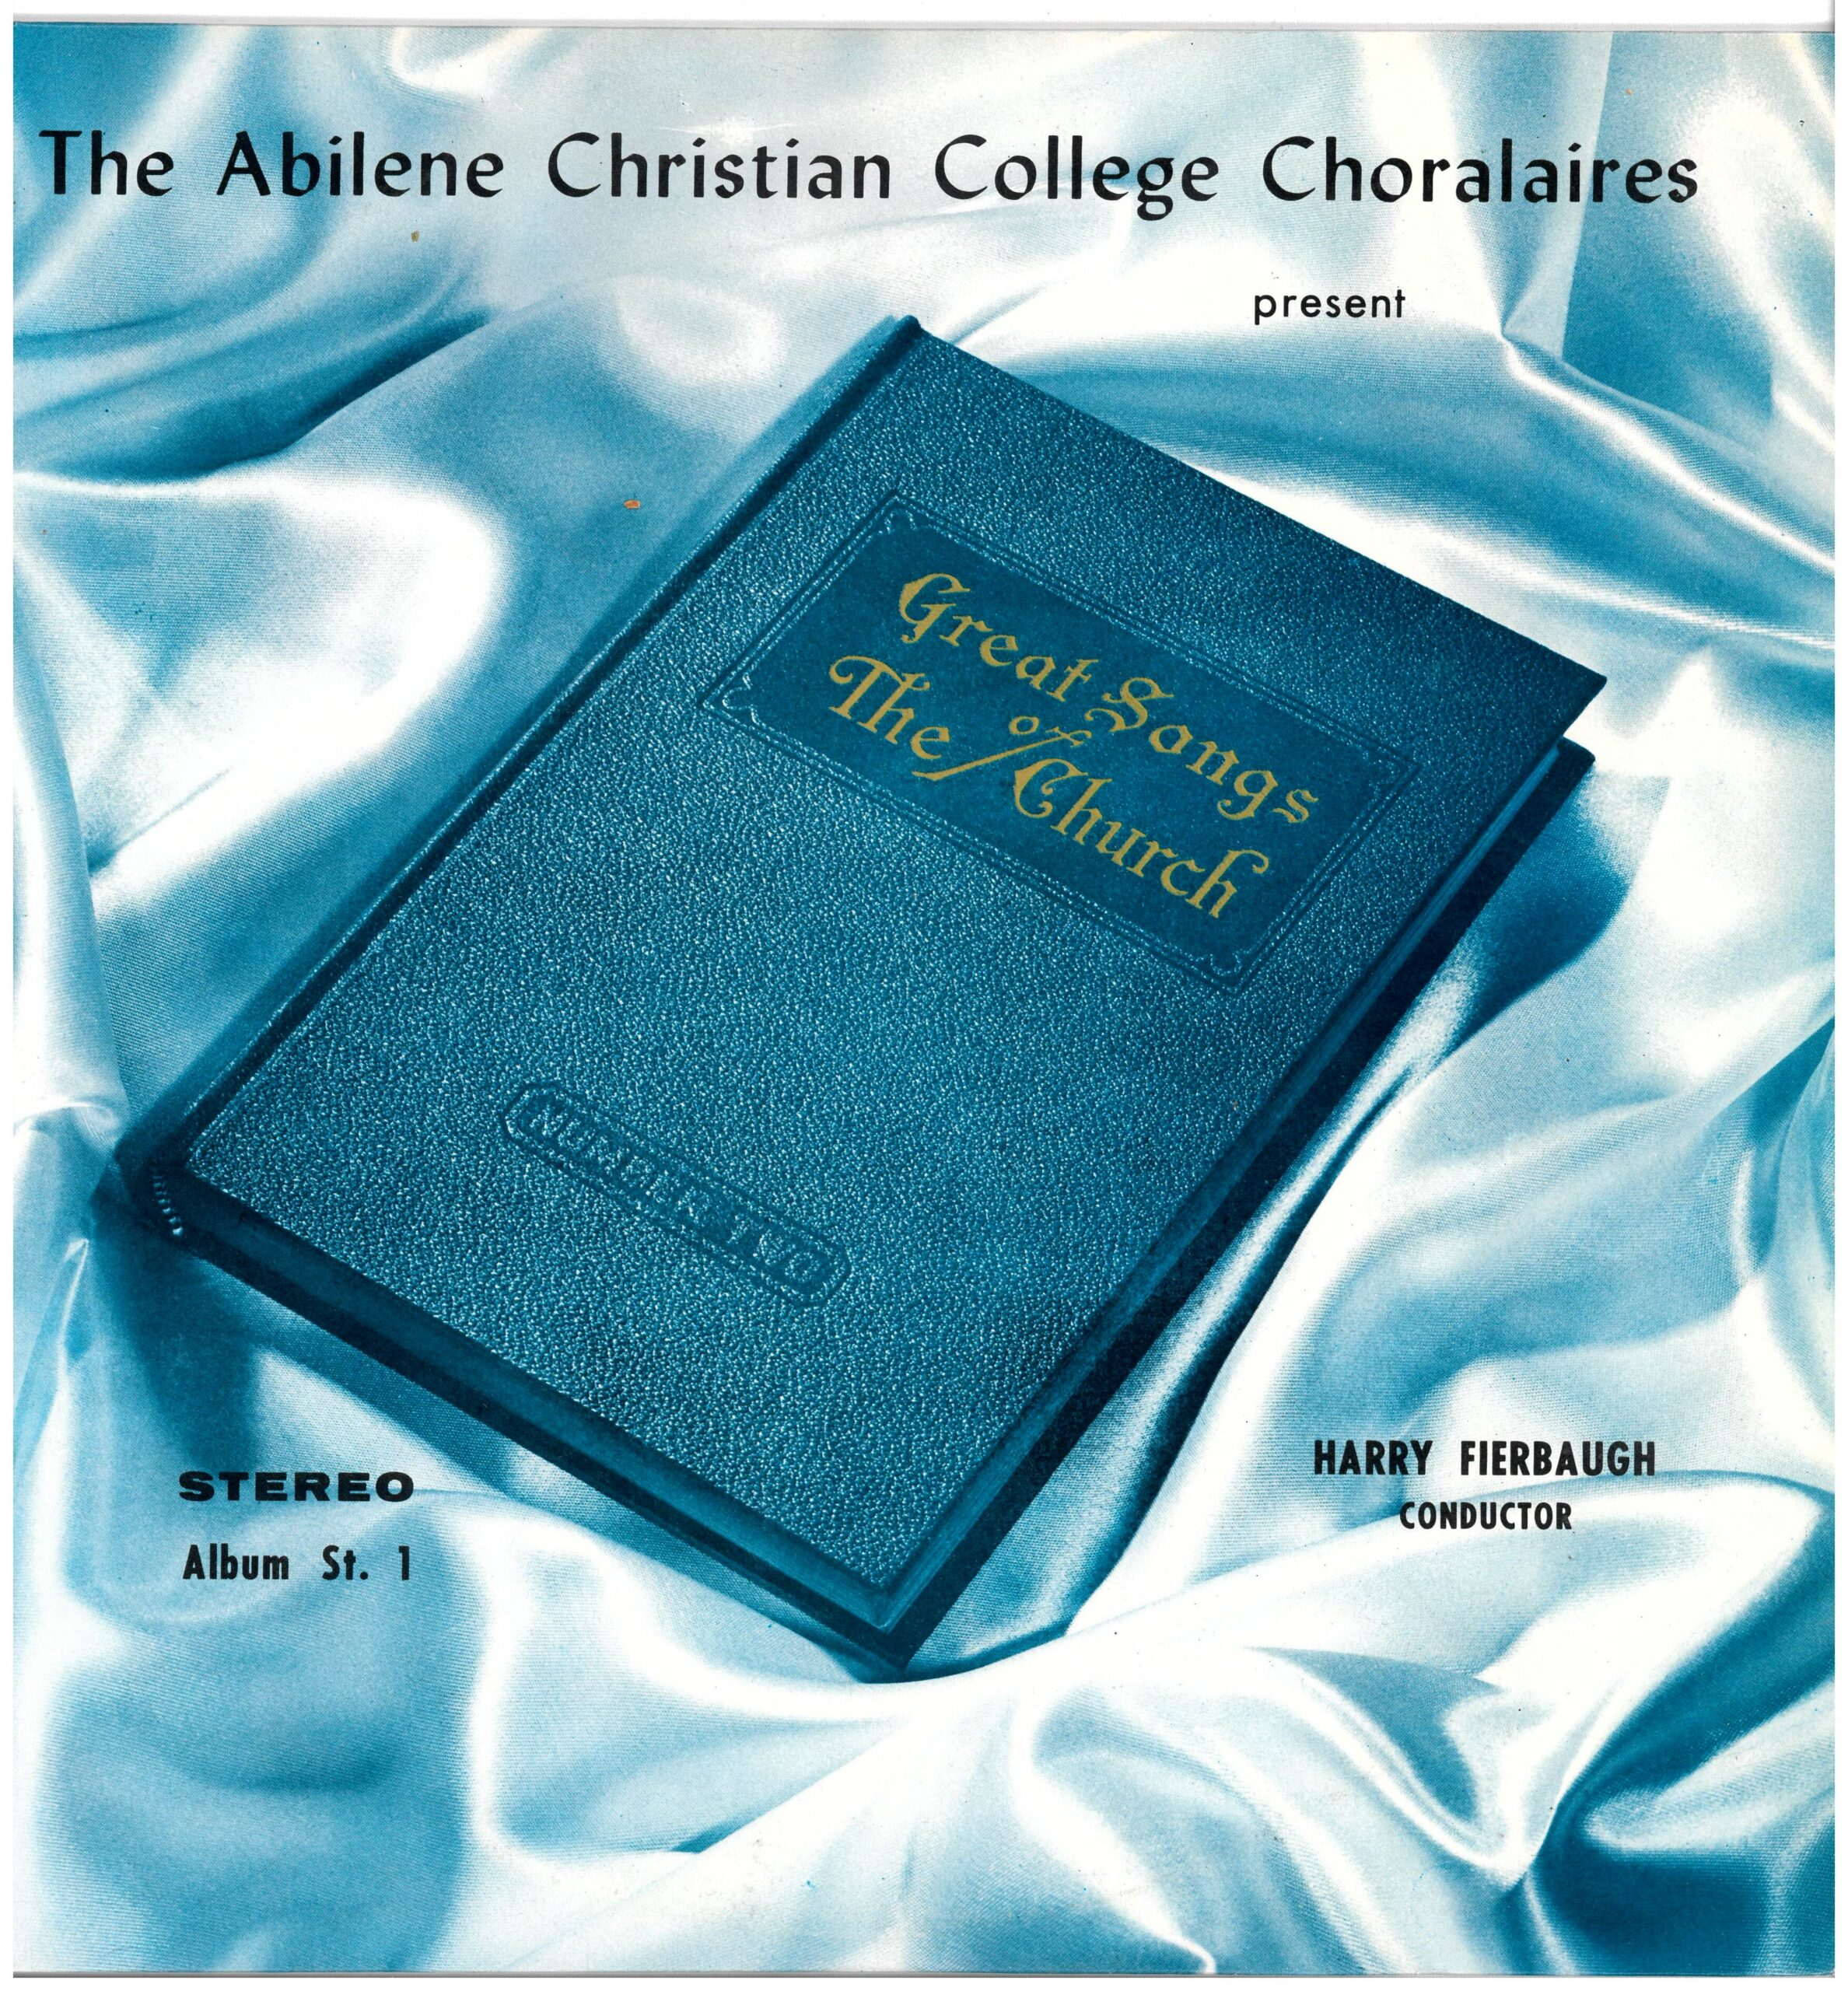 Choralaires LP Album cover